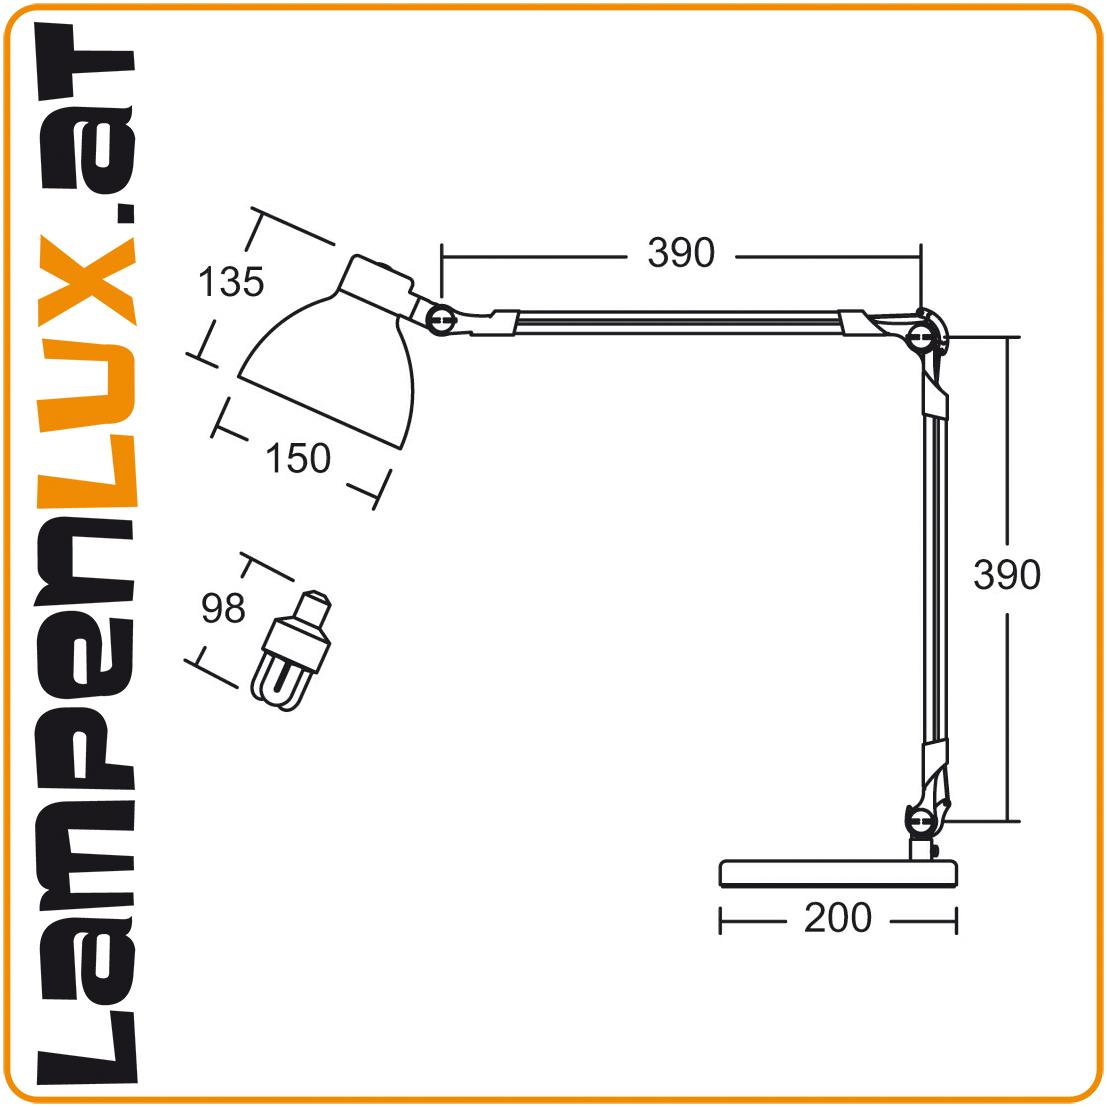 Lampenlux LED Tischlampe Pana Schreibtischlampe Bürolampe schwenkbar drehbahr Schalter